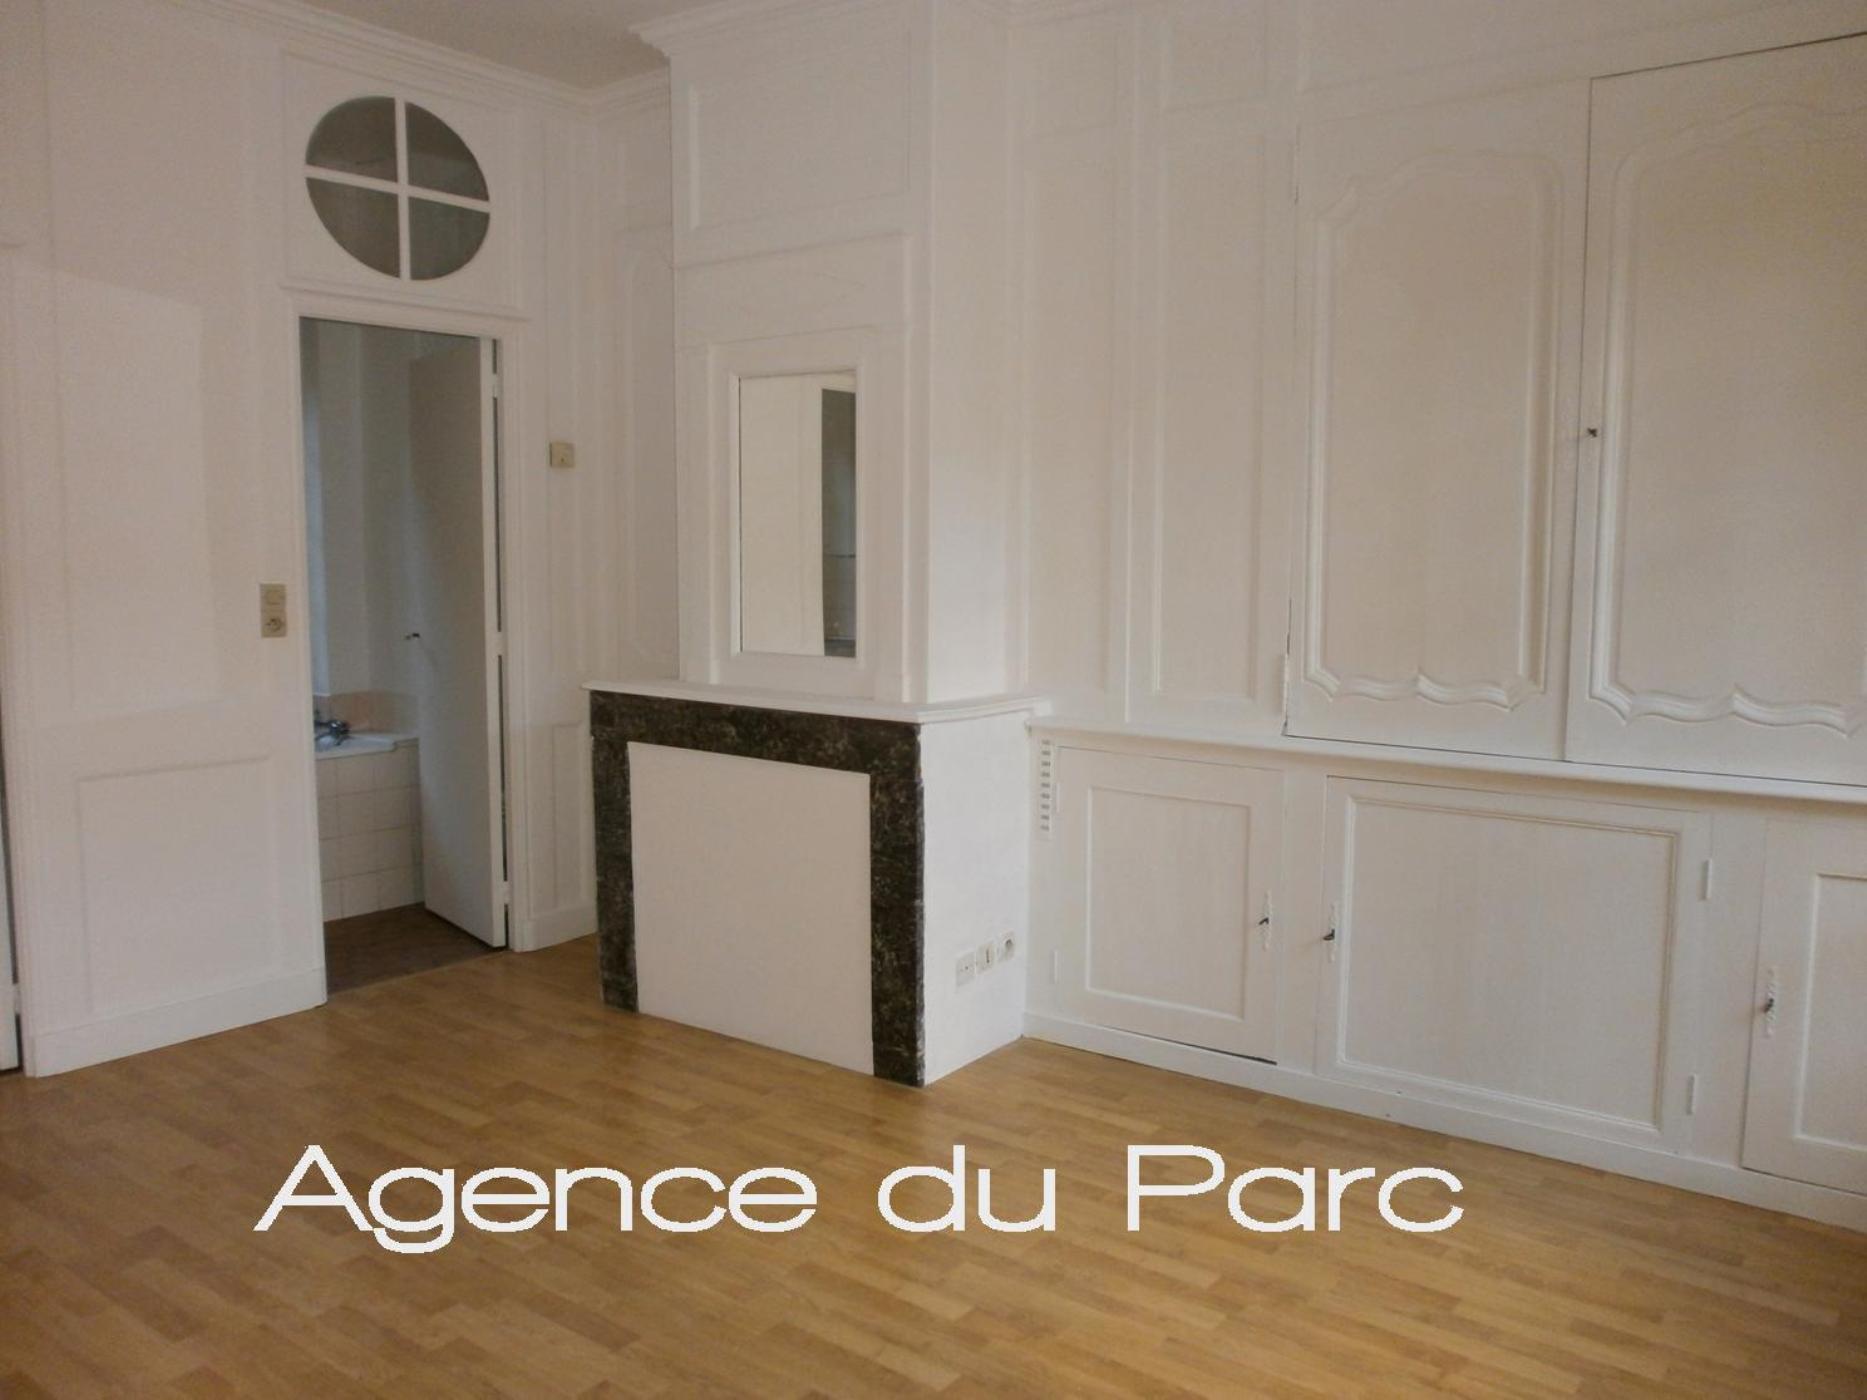 acheter vente d 39 un bel appartement t1 caudebec en caux 76 vall e de seine agence immobili re. Black Bedroom Furniture Sets. Home Design Ideas